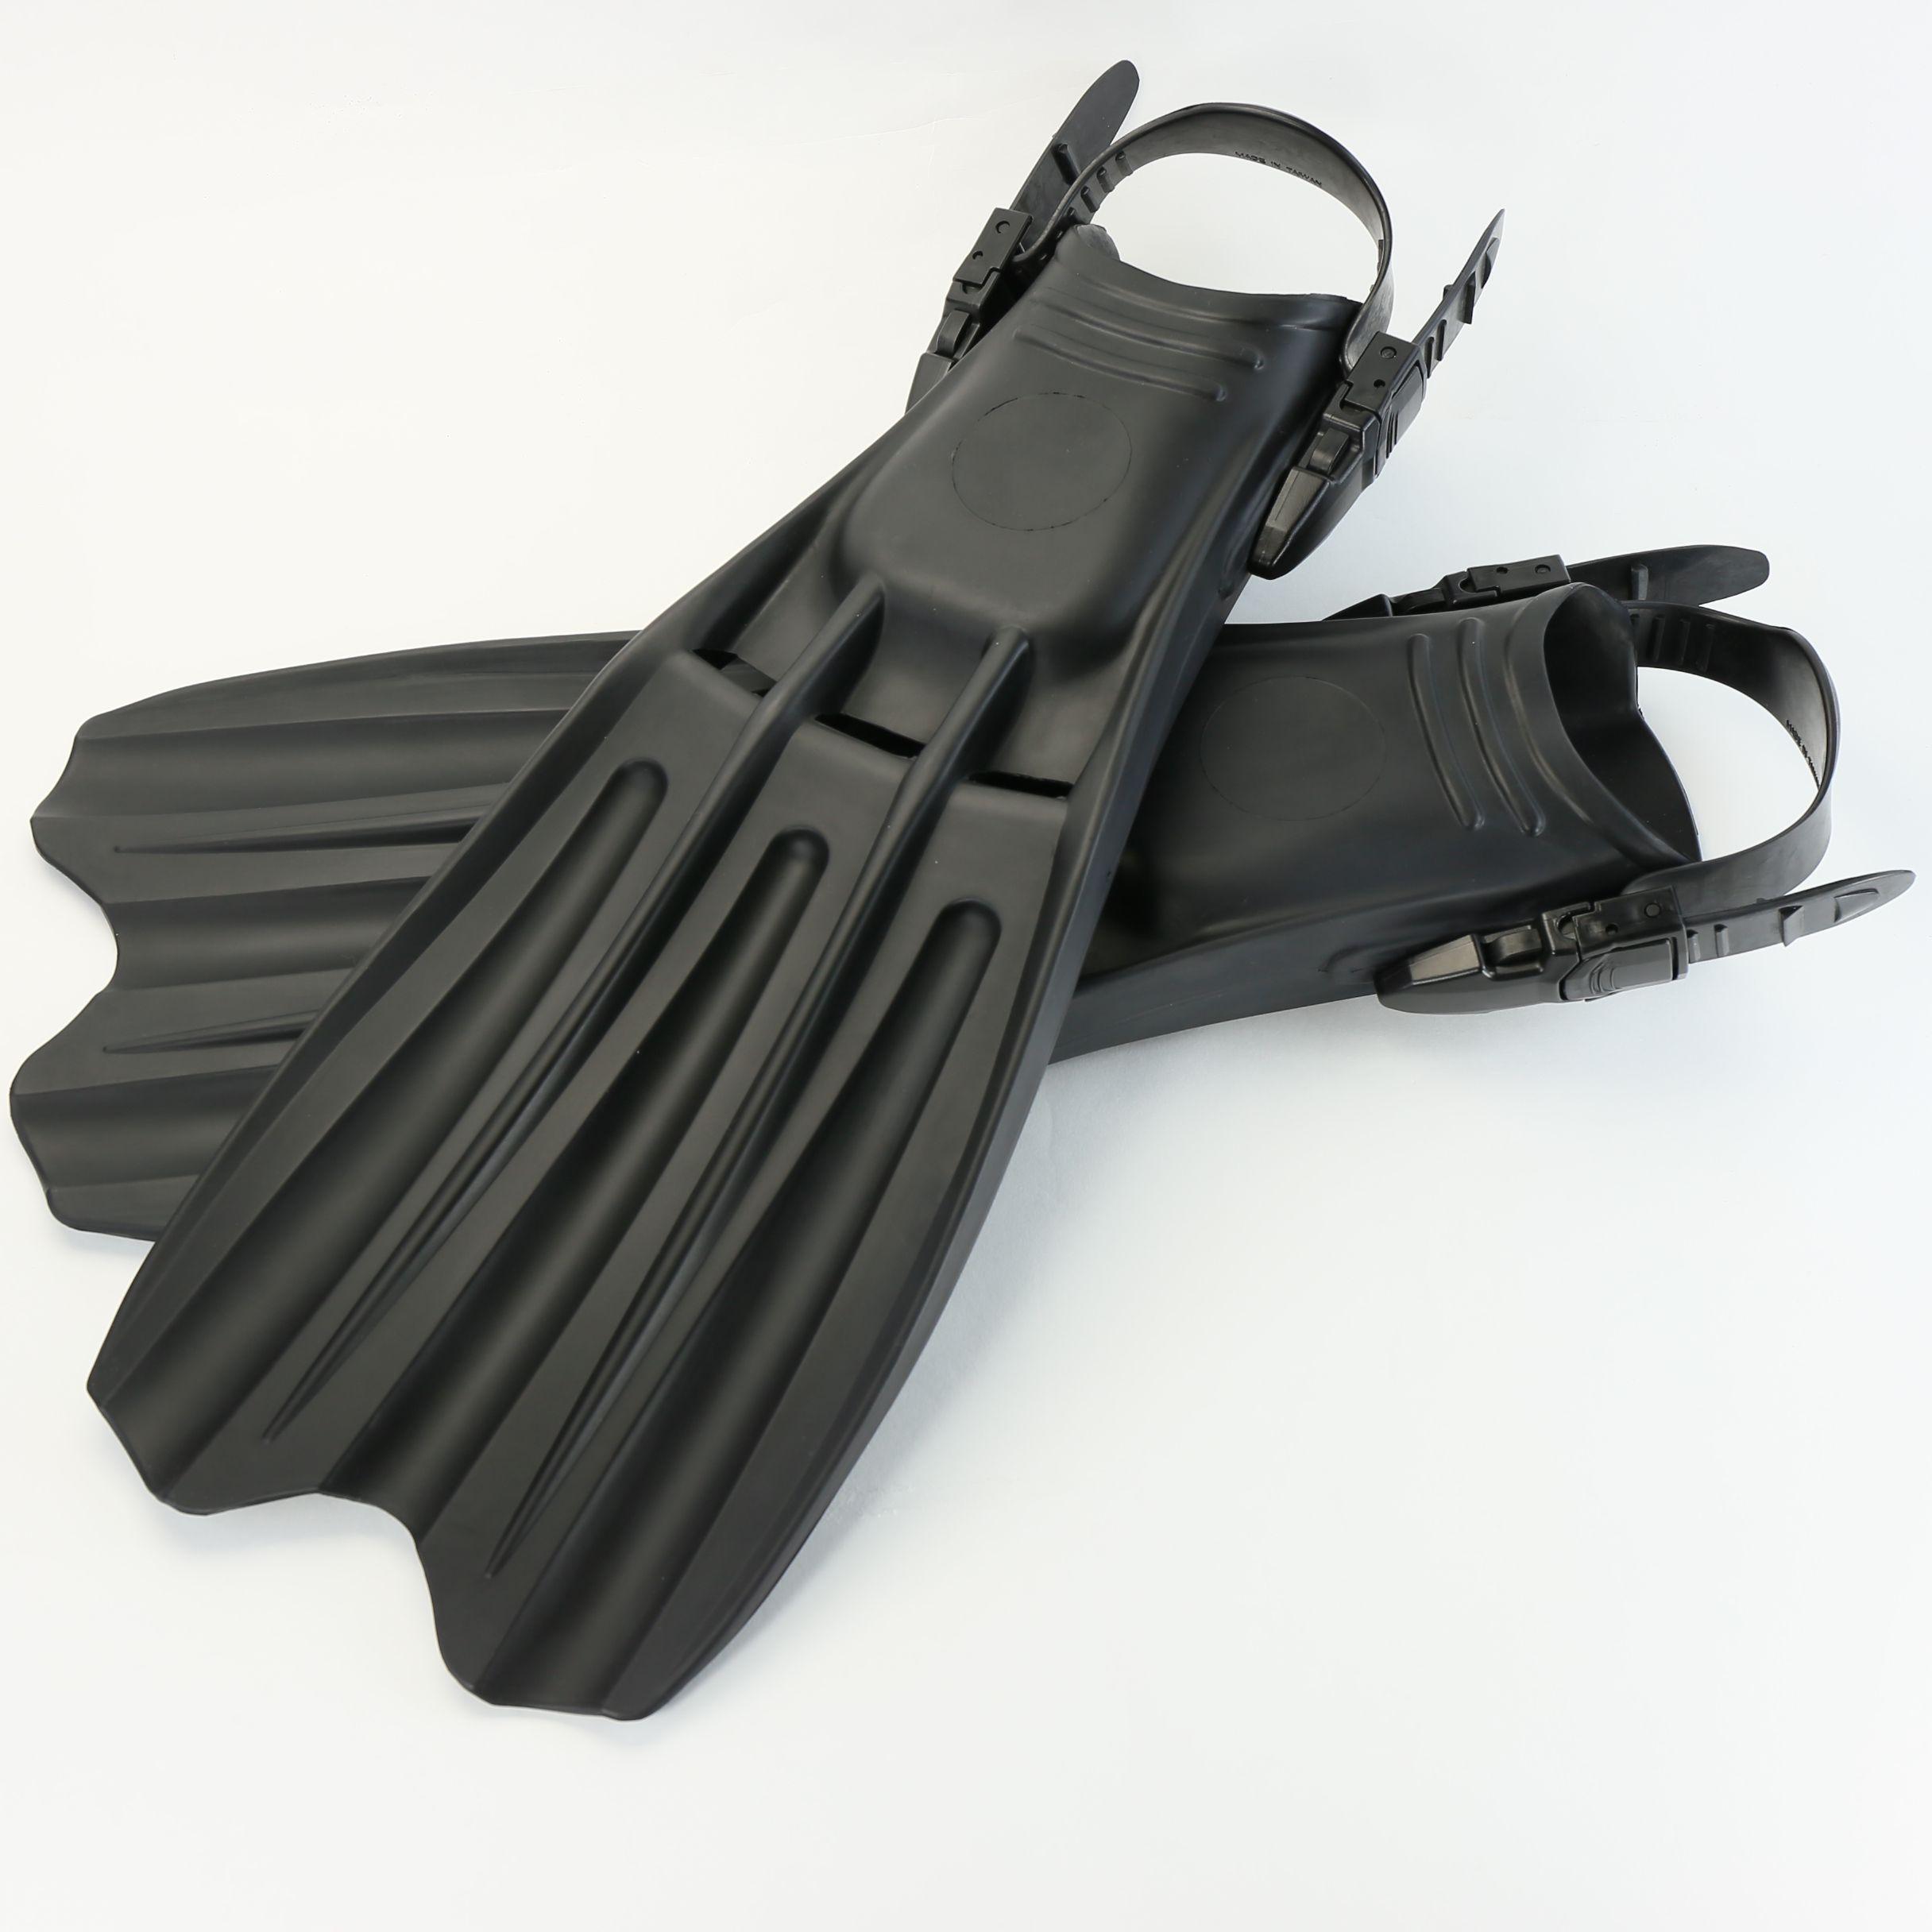 טוטם צבעוני צבאי JetFin - אקוואטק שחור